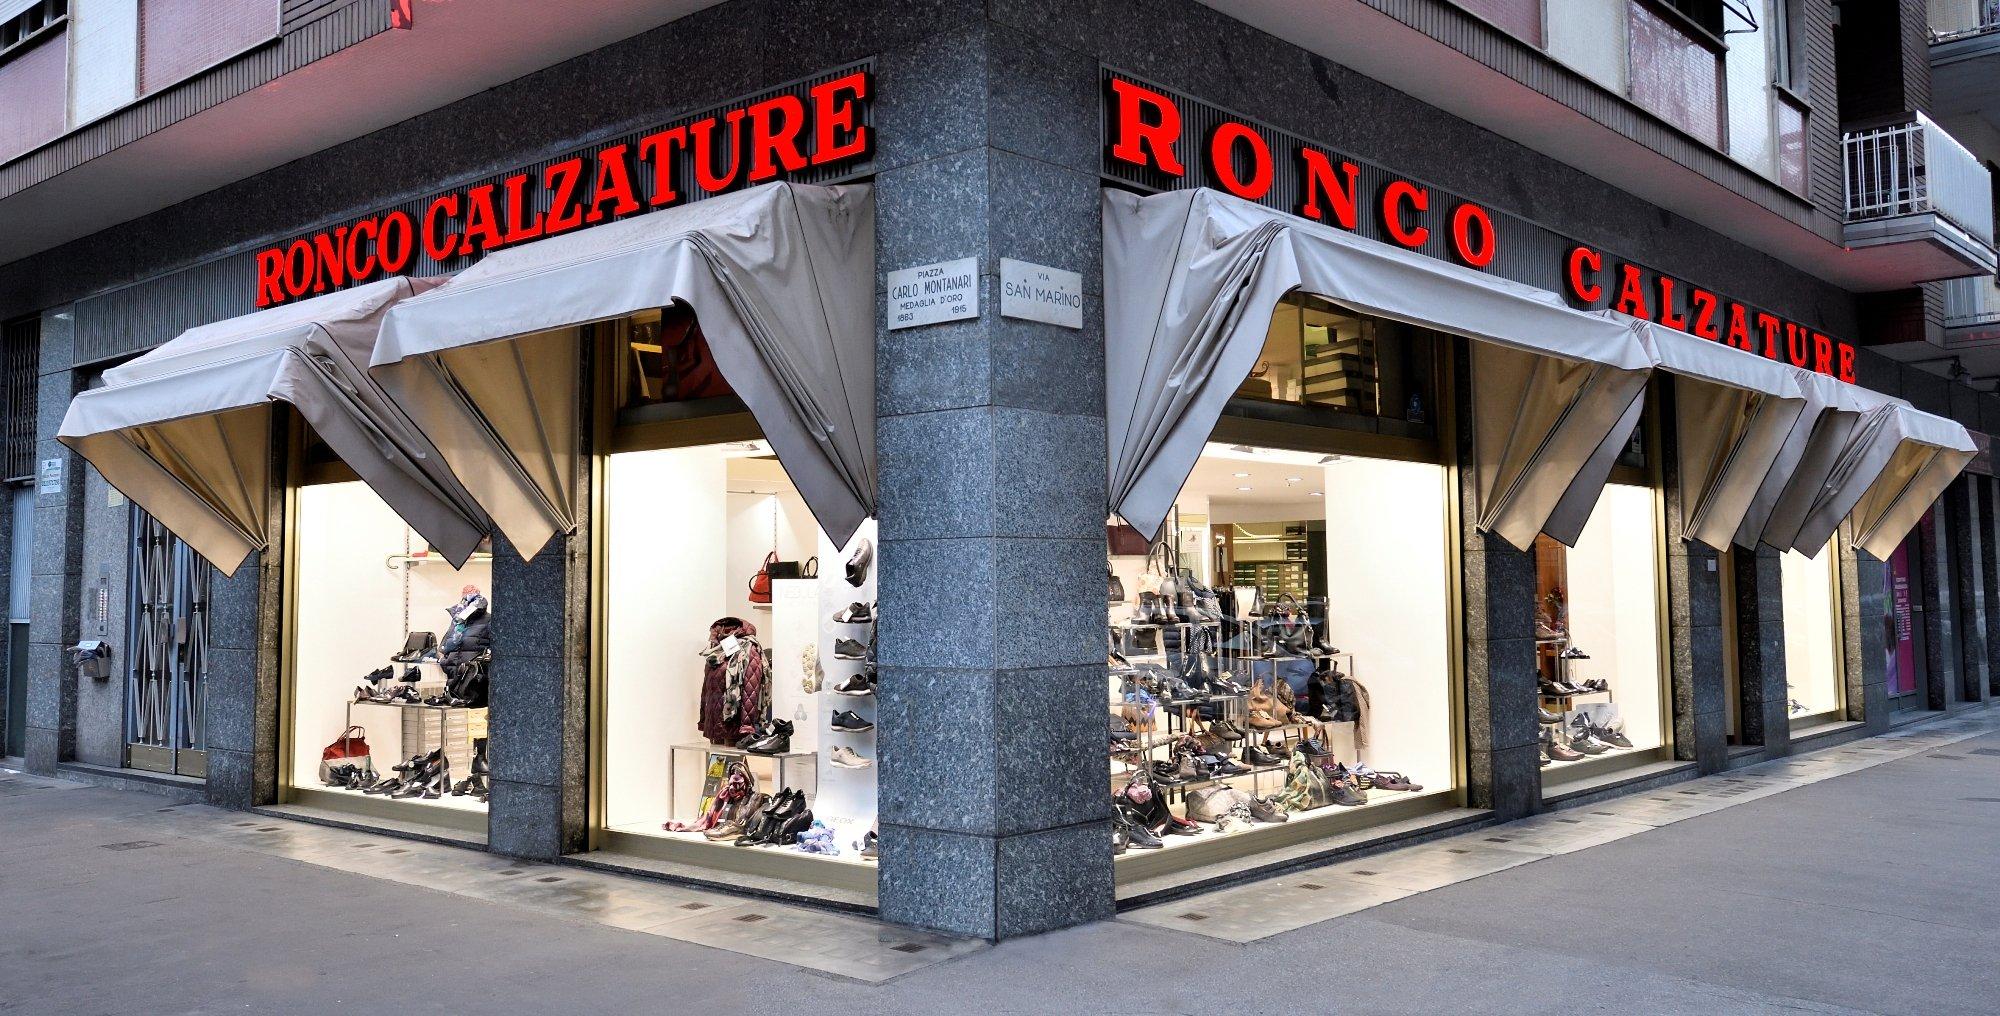 Scarpe nel negozio Ronco Calzature a Torino